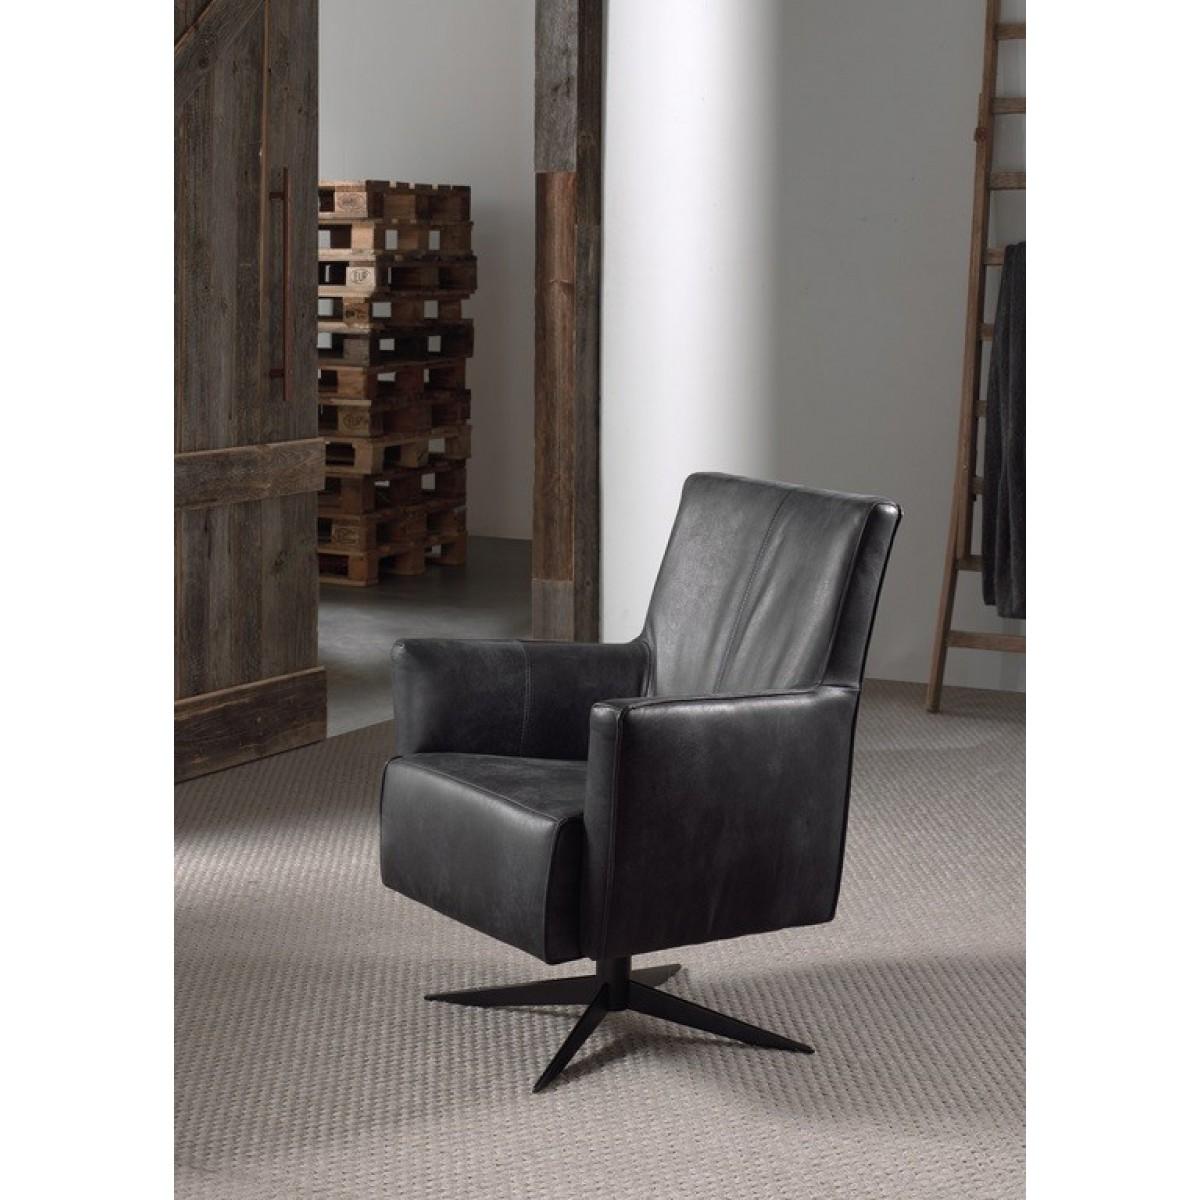 dorno drehsessel i live design preisg nstig online. Black Bedroom Furniture Sets. Home Design Ideas